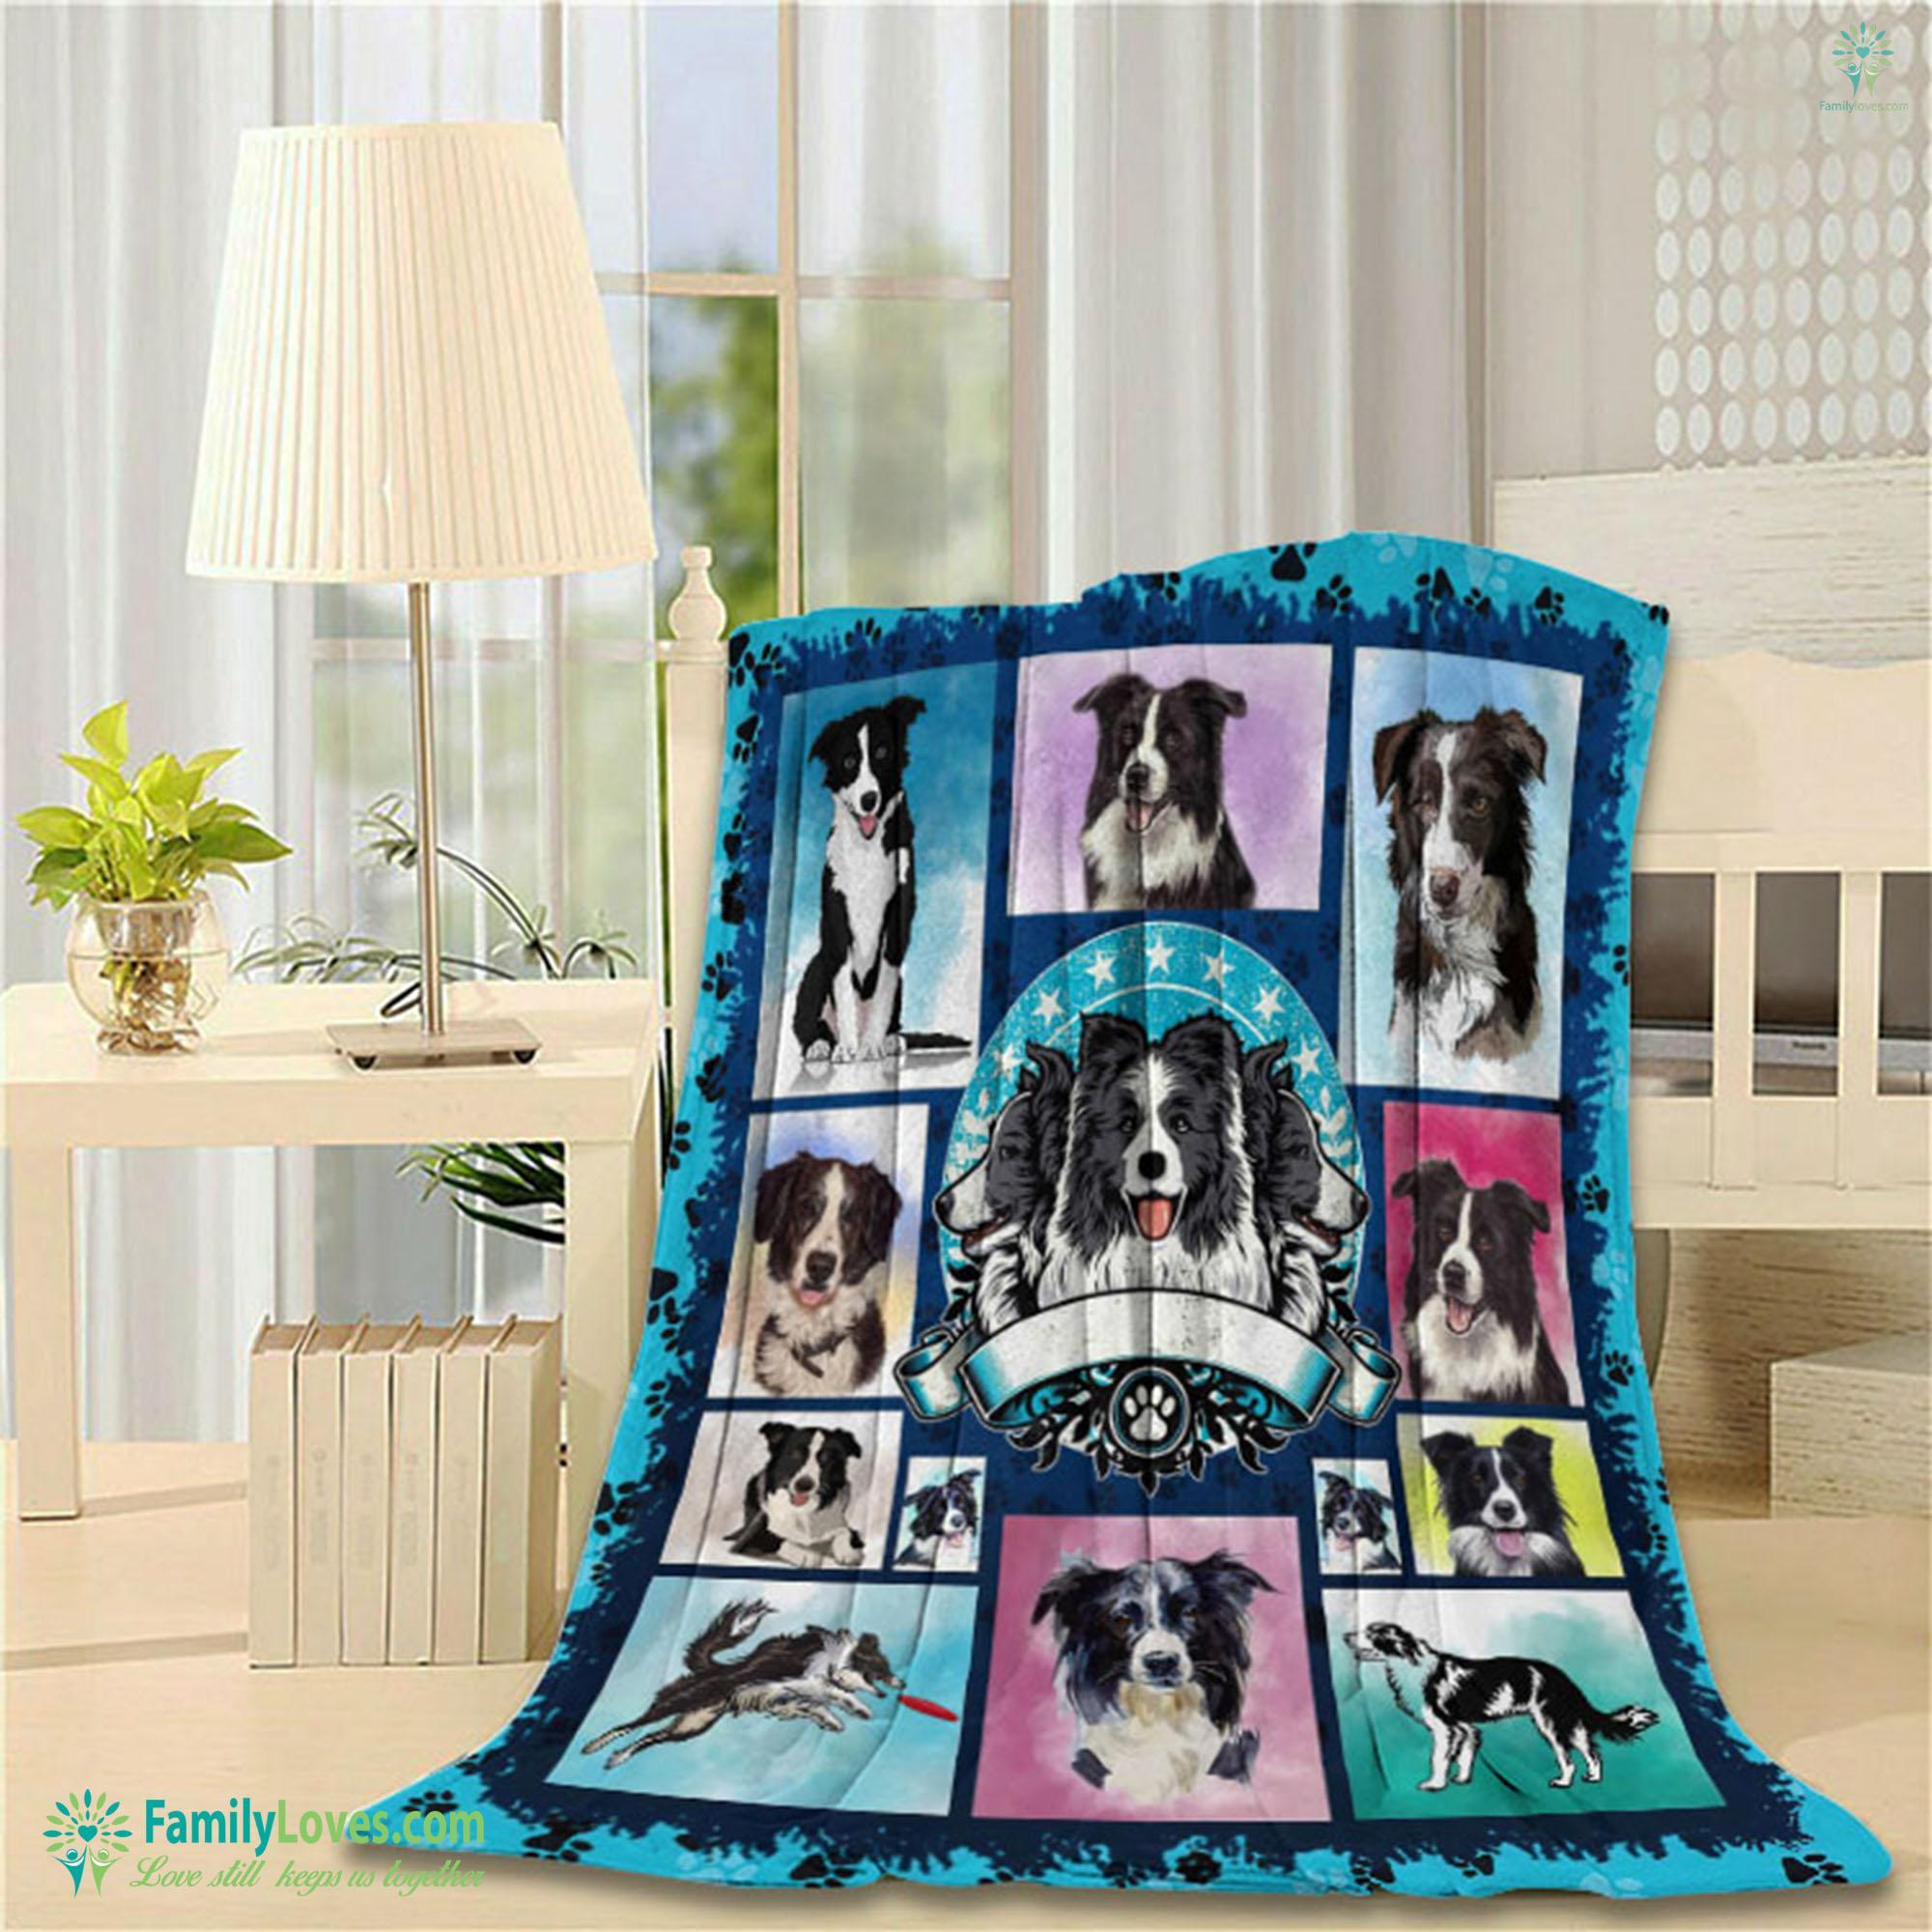 Dog Blanket 17 Familyloves.com